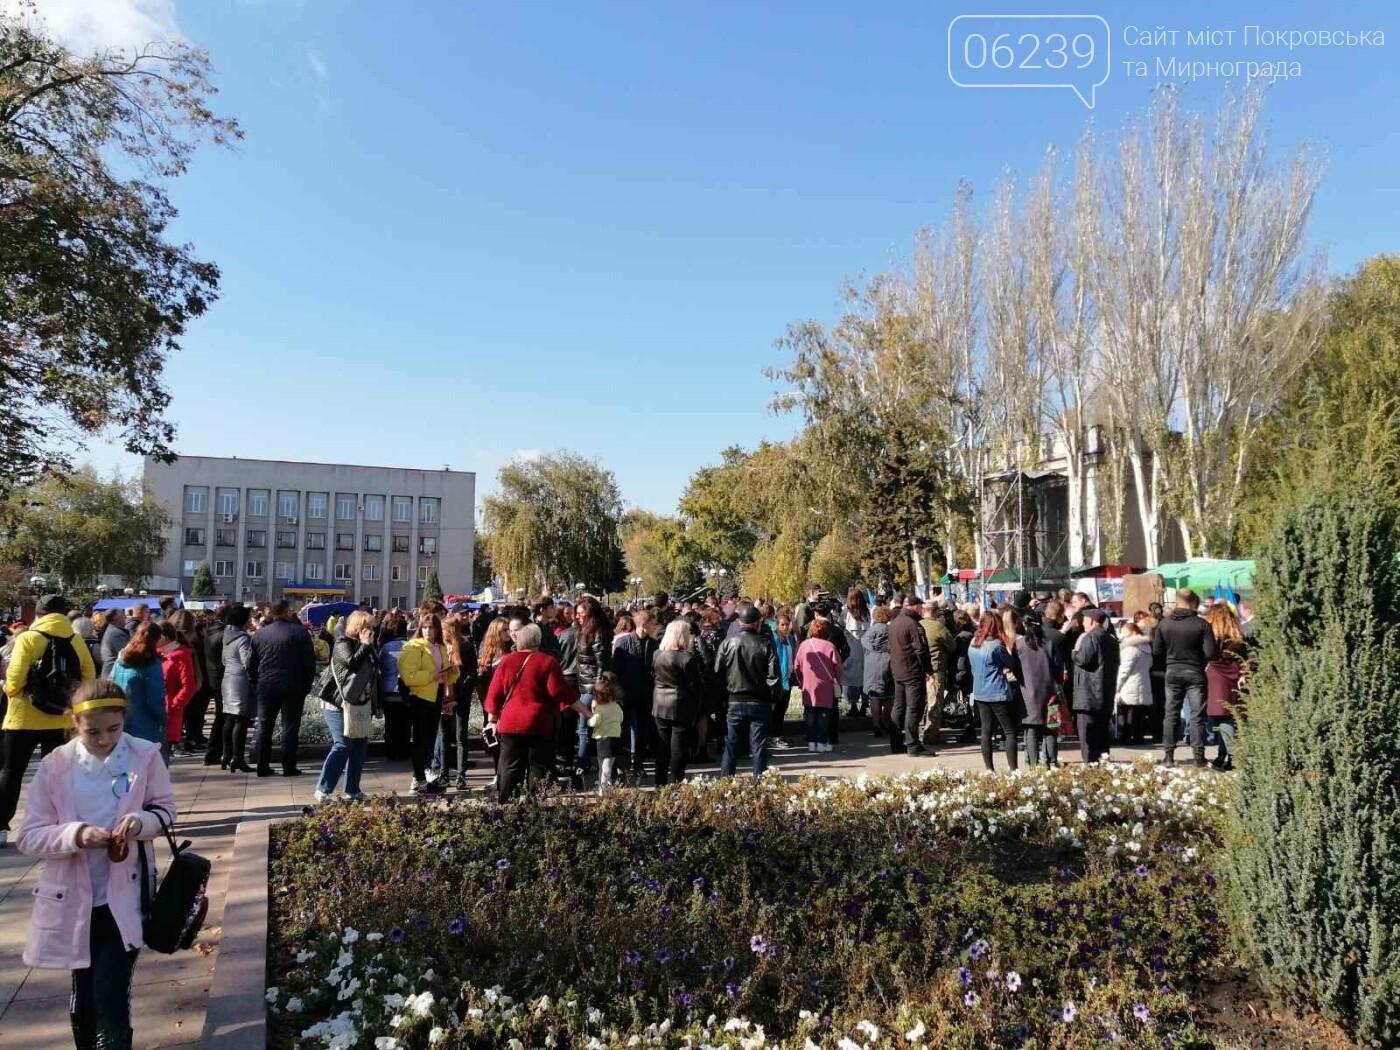 В Покровске состоялось торжественное открытие памятника Шевченко, фото-2